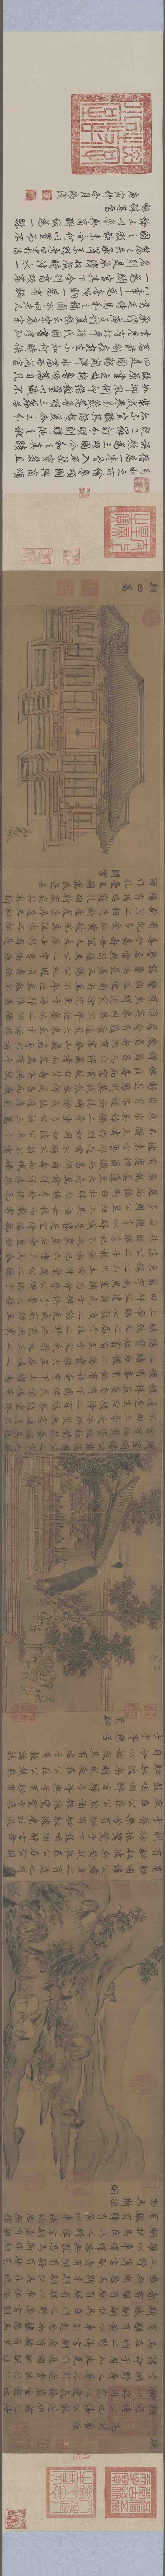 宋 高宗书马和之画 鲁颂三篇(全卷 一版)绢本26.2X542.8辽博